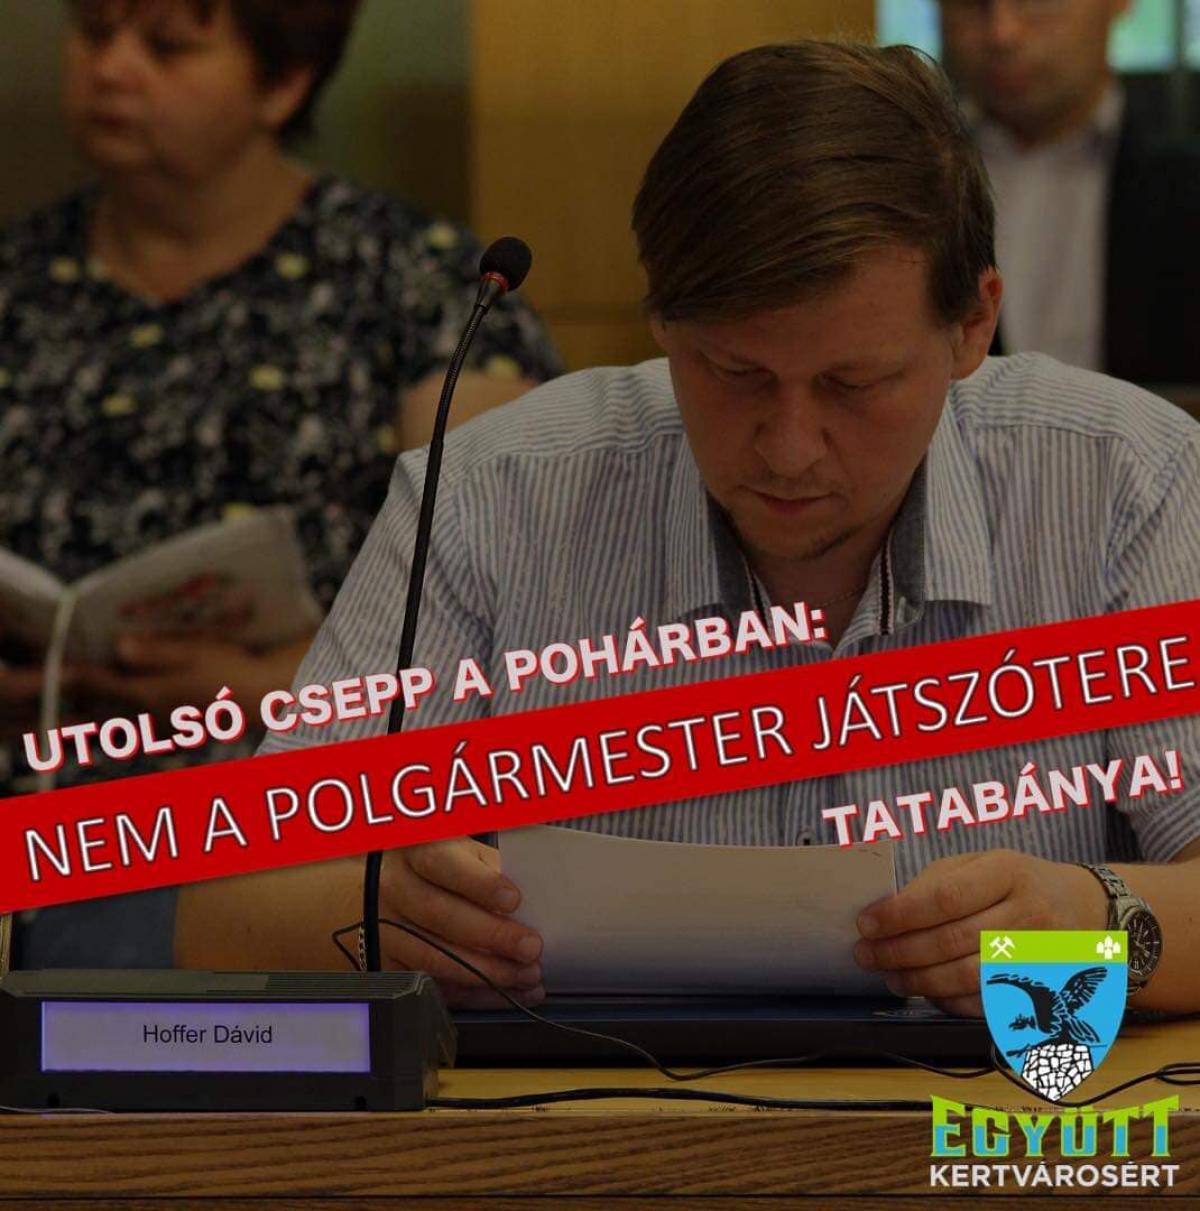 Tatabányai volt DK-s képviselő a kilépésének okairól: fenyegetőzés, demokrata szavakba öltöztetett diktatórikus módszerek, alkalmatlanság